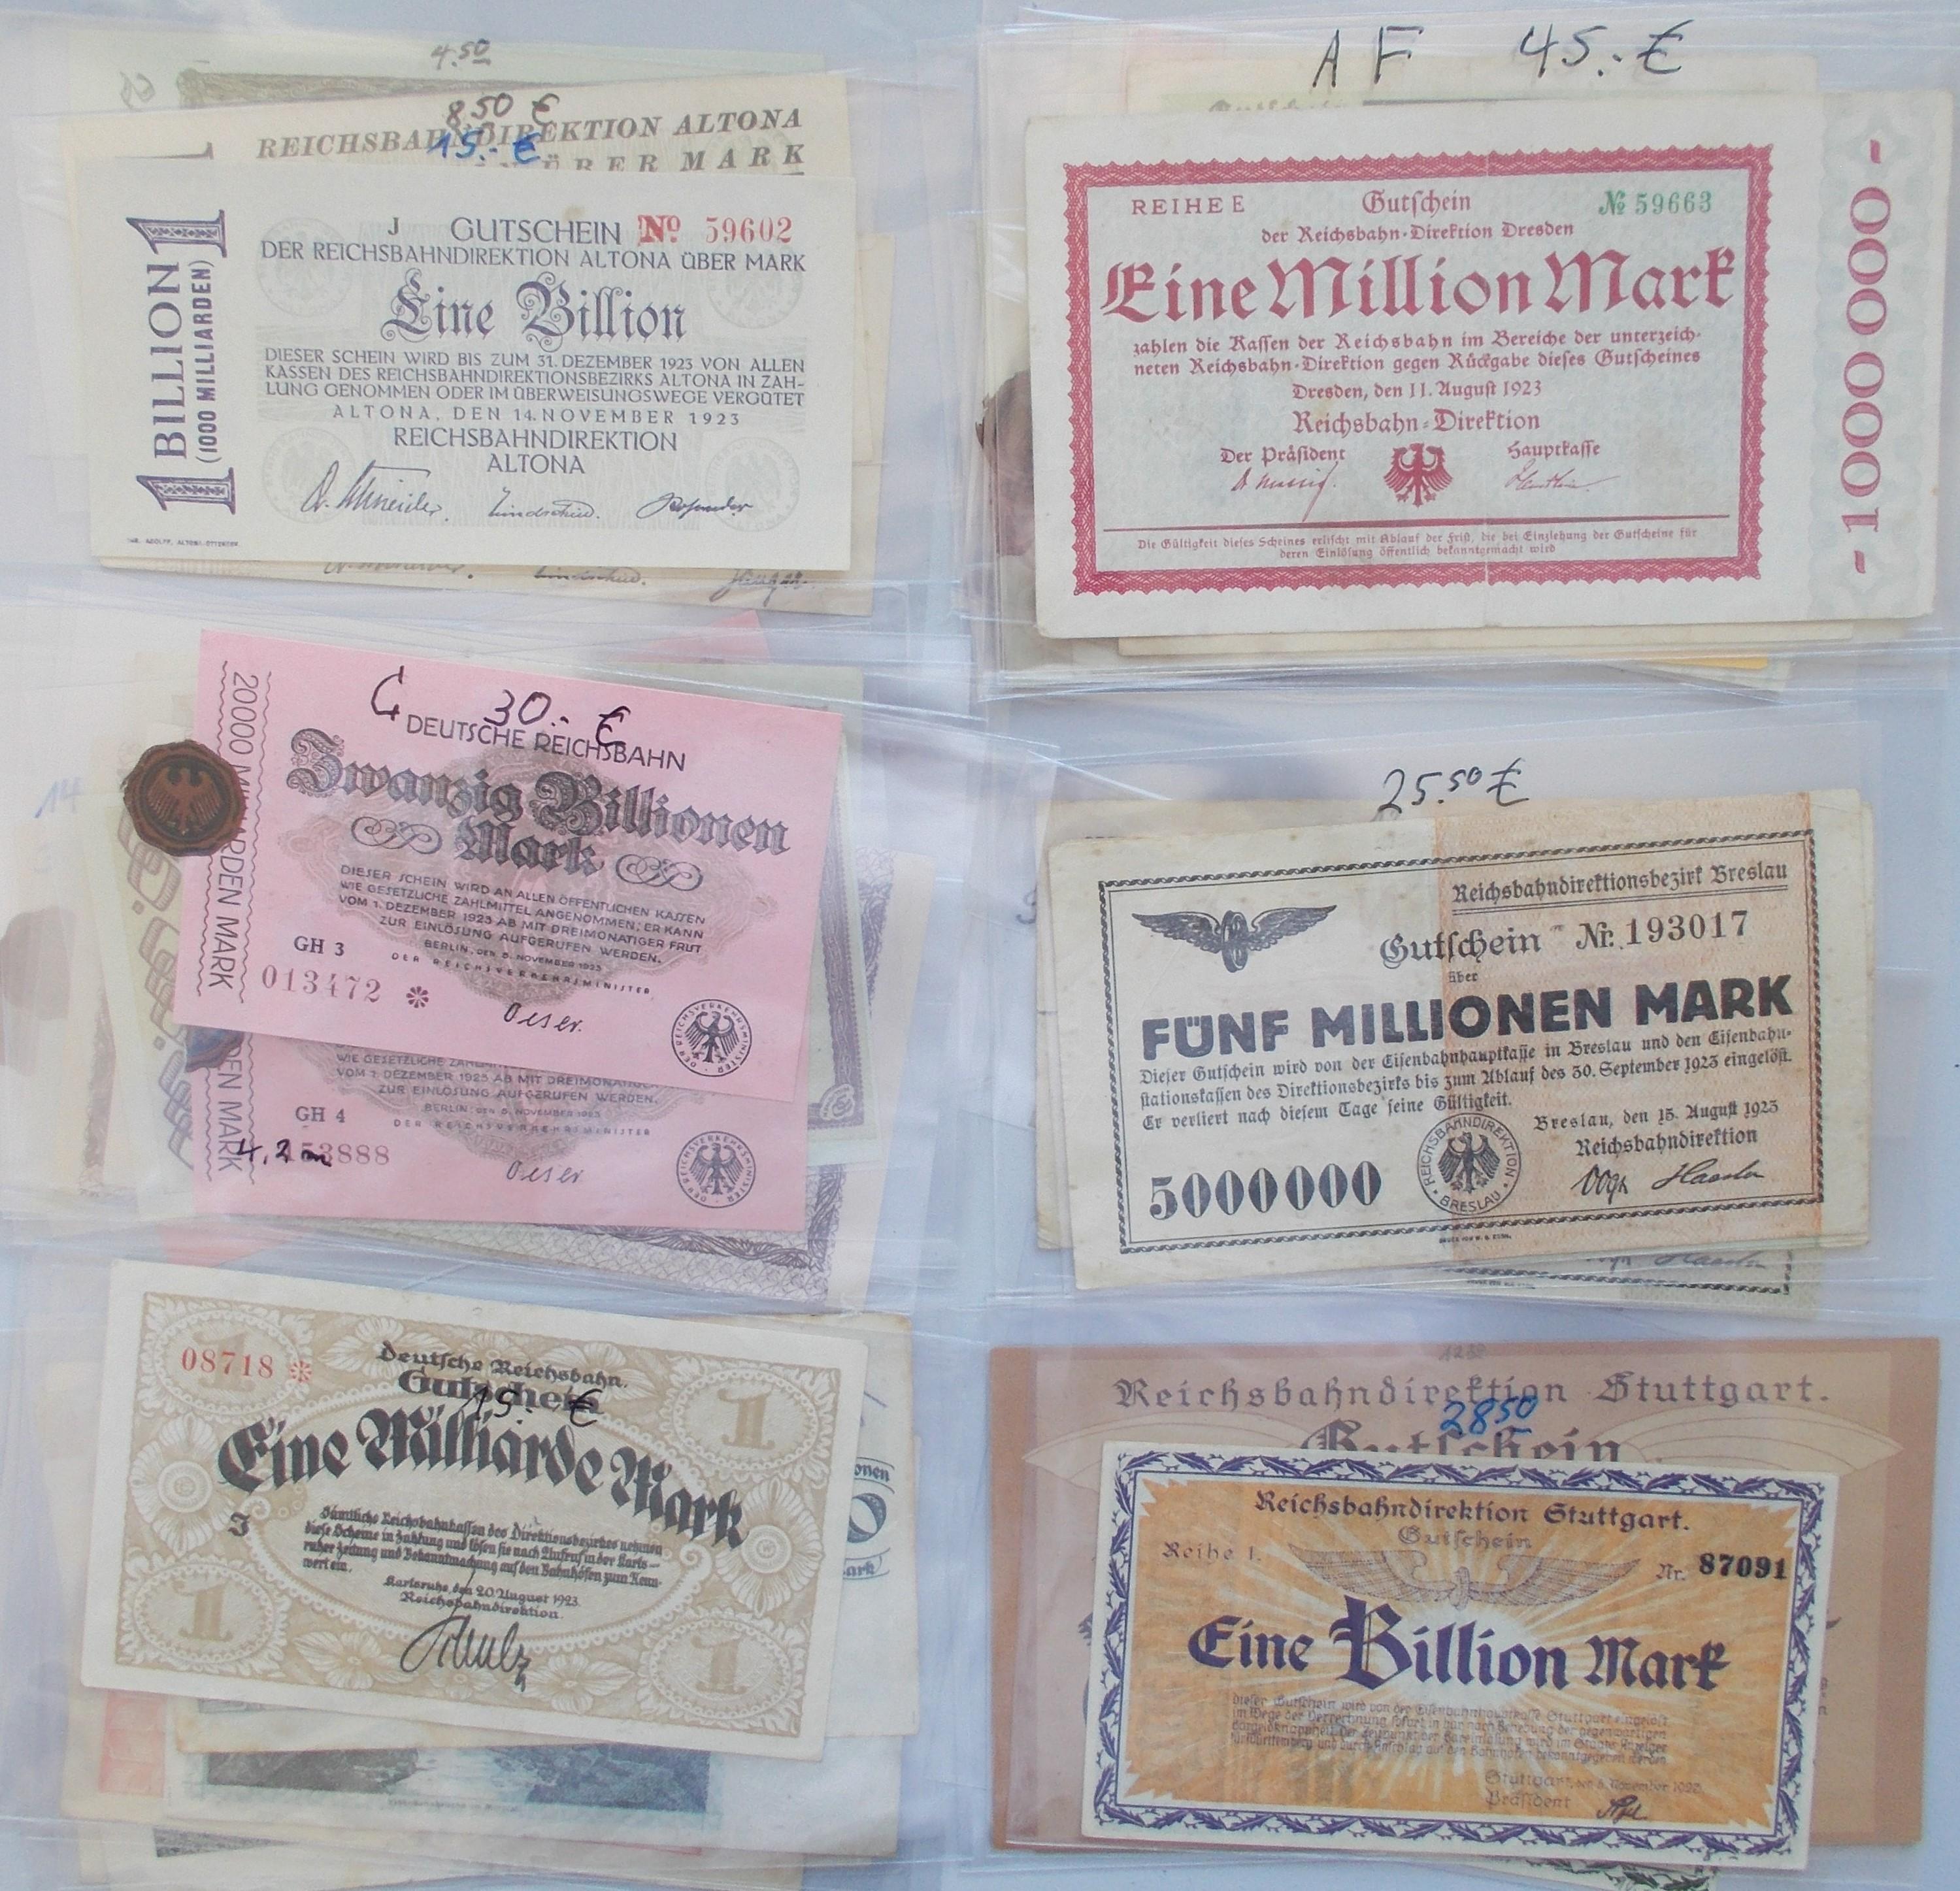 Lot 35310 - Deutschland - Reichsbahn / Reichspost   Banknoten  -  Auktionshaus Christoph Gärtner GmbH & Co. KG Sale #44 Collections Germany